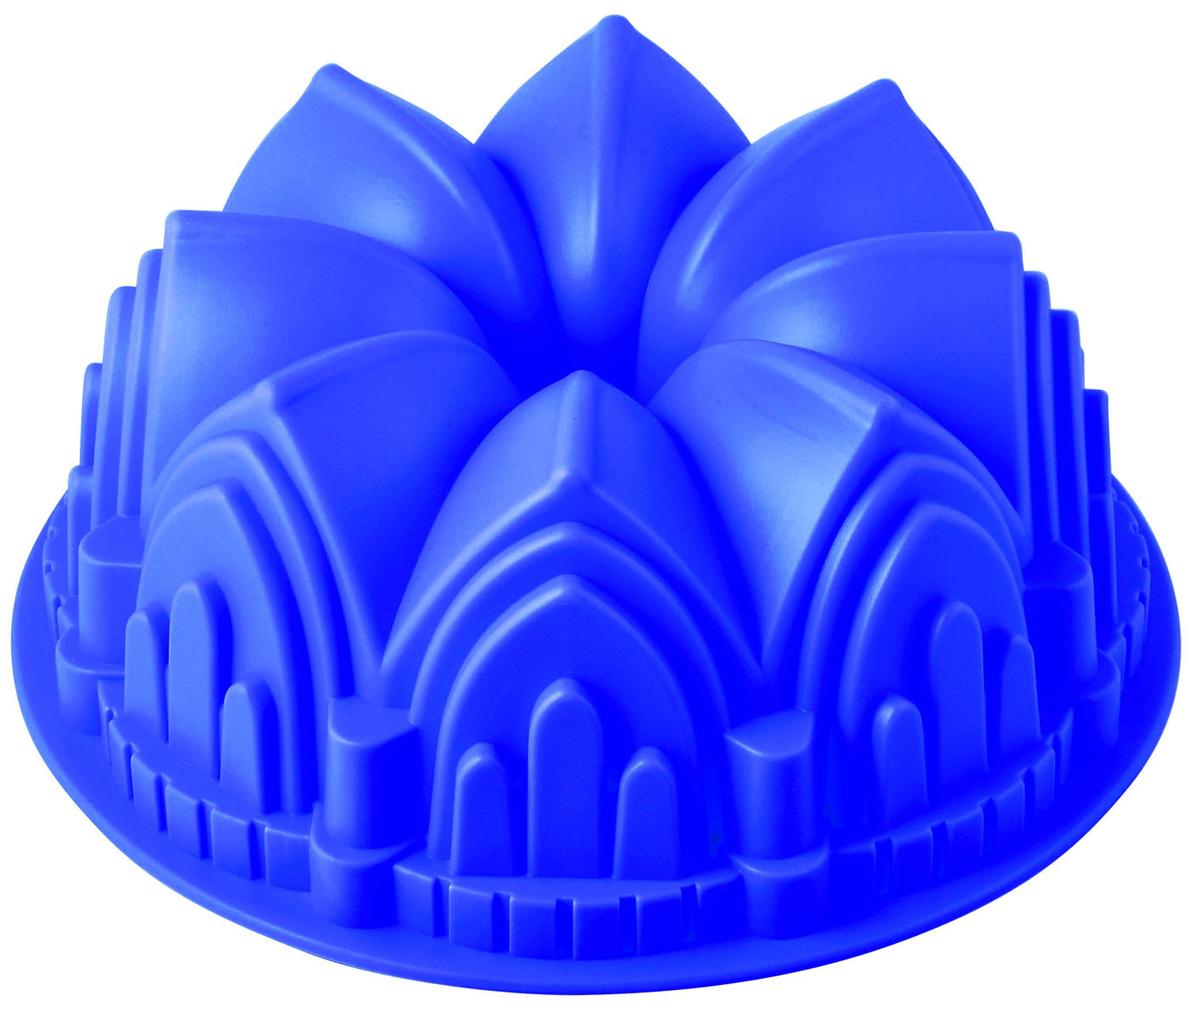 Форма для выпечки и заморозки Regent Inox Готика, силиконовая, цвет: фиолетовый, диаметр 23 см93-SI-FO-51Форма для выпечки и заморозки Готика выполнена из силикона и предназначена для изготовления выпечки, желе, льда и даже мыла. Силиконовые формы выдерживают высокие и низкие температуры (от -40°С до +230°С). Они эластичны, износостойки, легко моются, не горят и не тлеют, не впитывают запахи, не оставляют пятен. Силикон абсолютно безвреден для здоровья. Не используйте моющие средства, содержащие абразивы. Можно мыть в посудомоечной машине. Подходит для использования во всех типах печей.